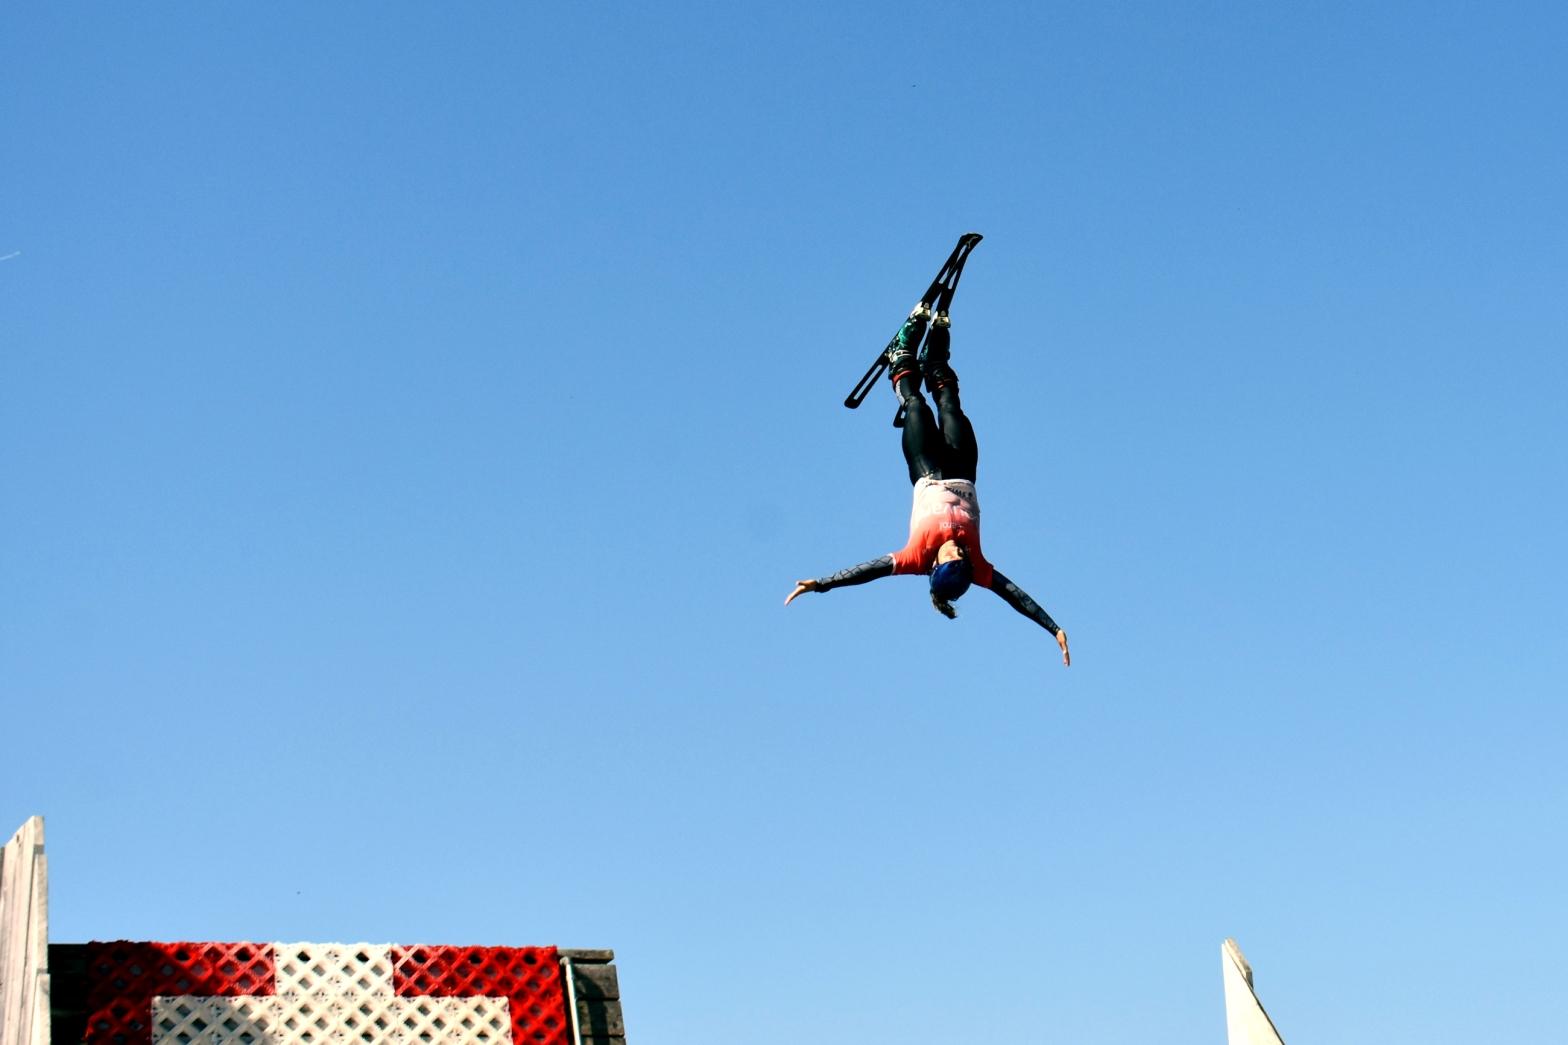 Mit Ski an den Füssen springt sie über steile Schanzen: Die Wollishofer Skiakrobatin Carol Bouvard peilt die Weltmeisterschaft in den USA an. Foto: Pascal Wiederkehr